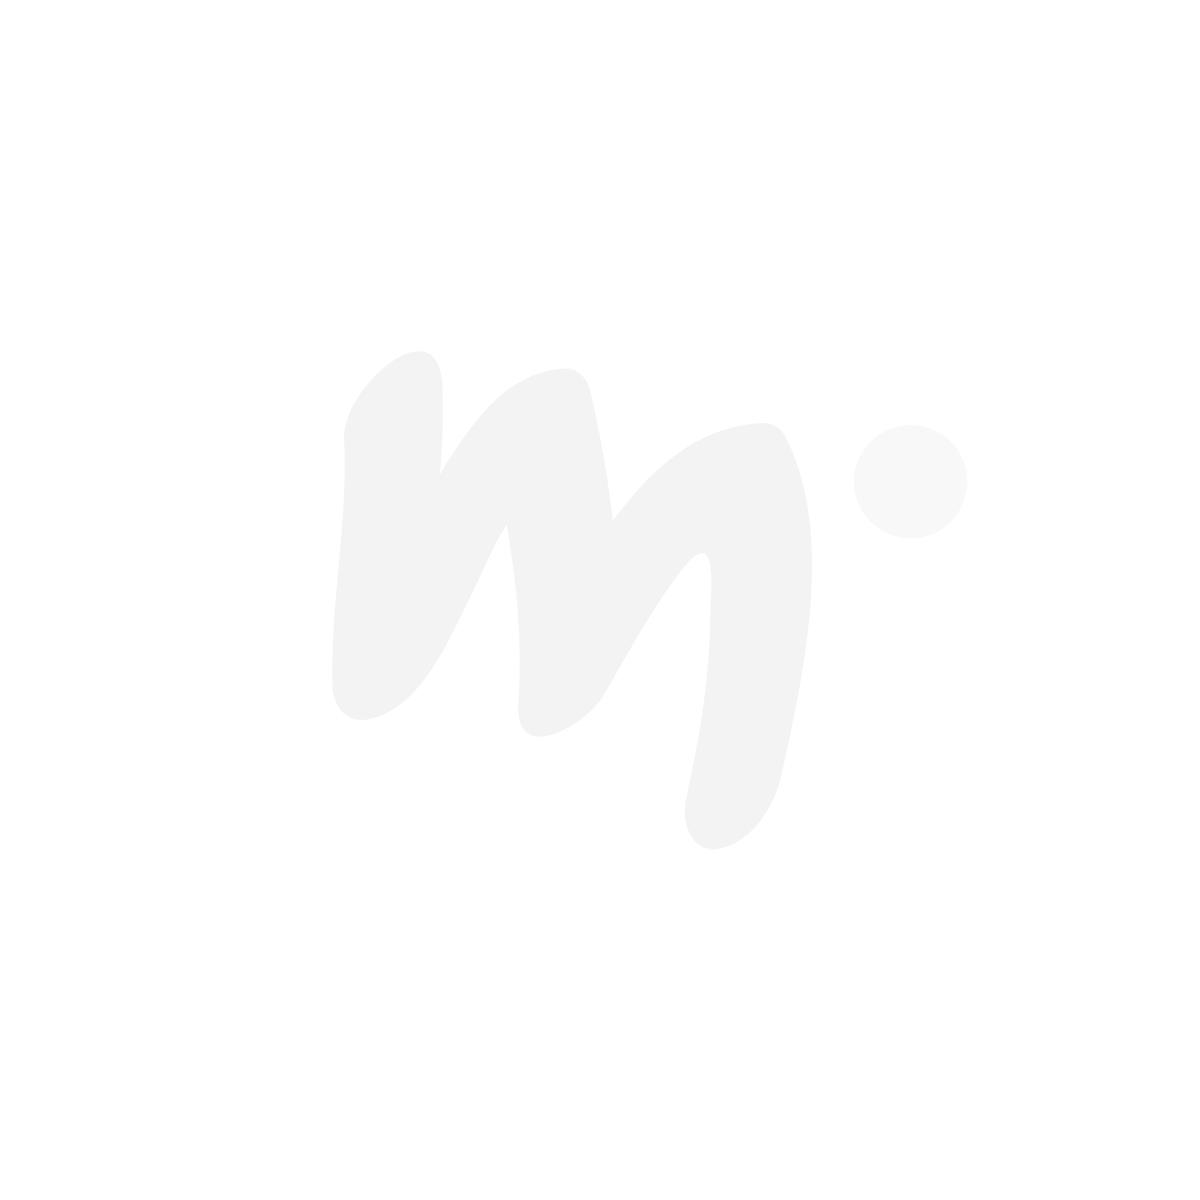 Muumi Synttärisetti-kannu + 4 mukia